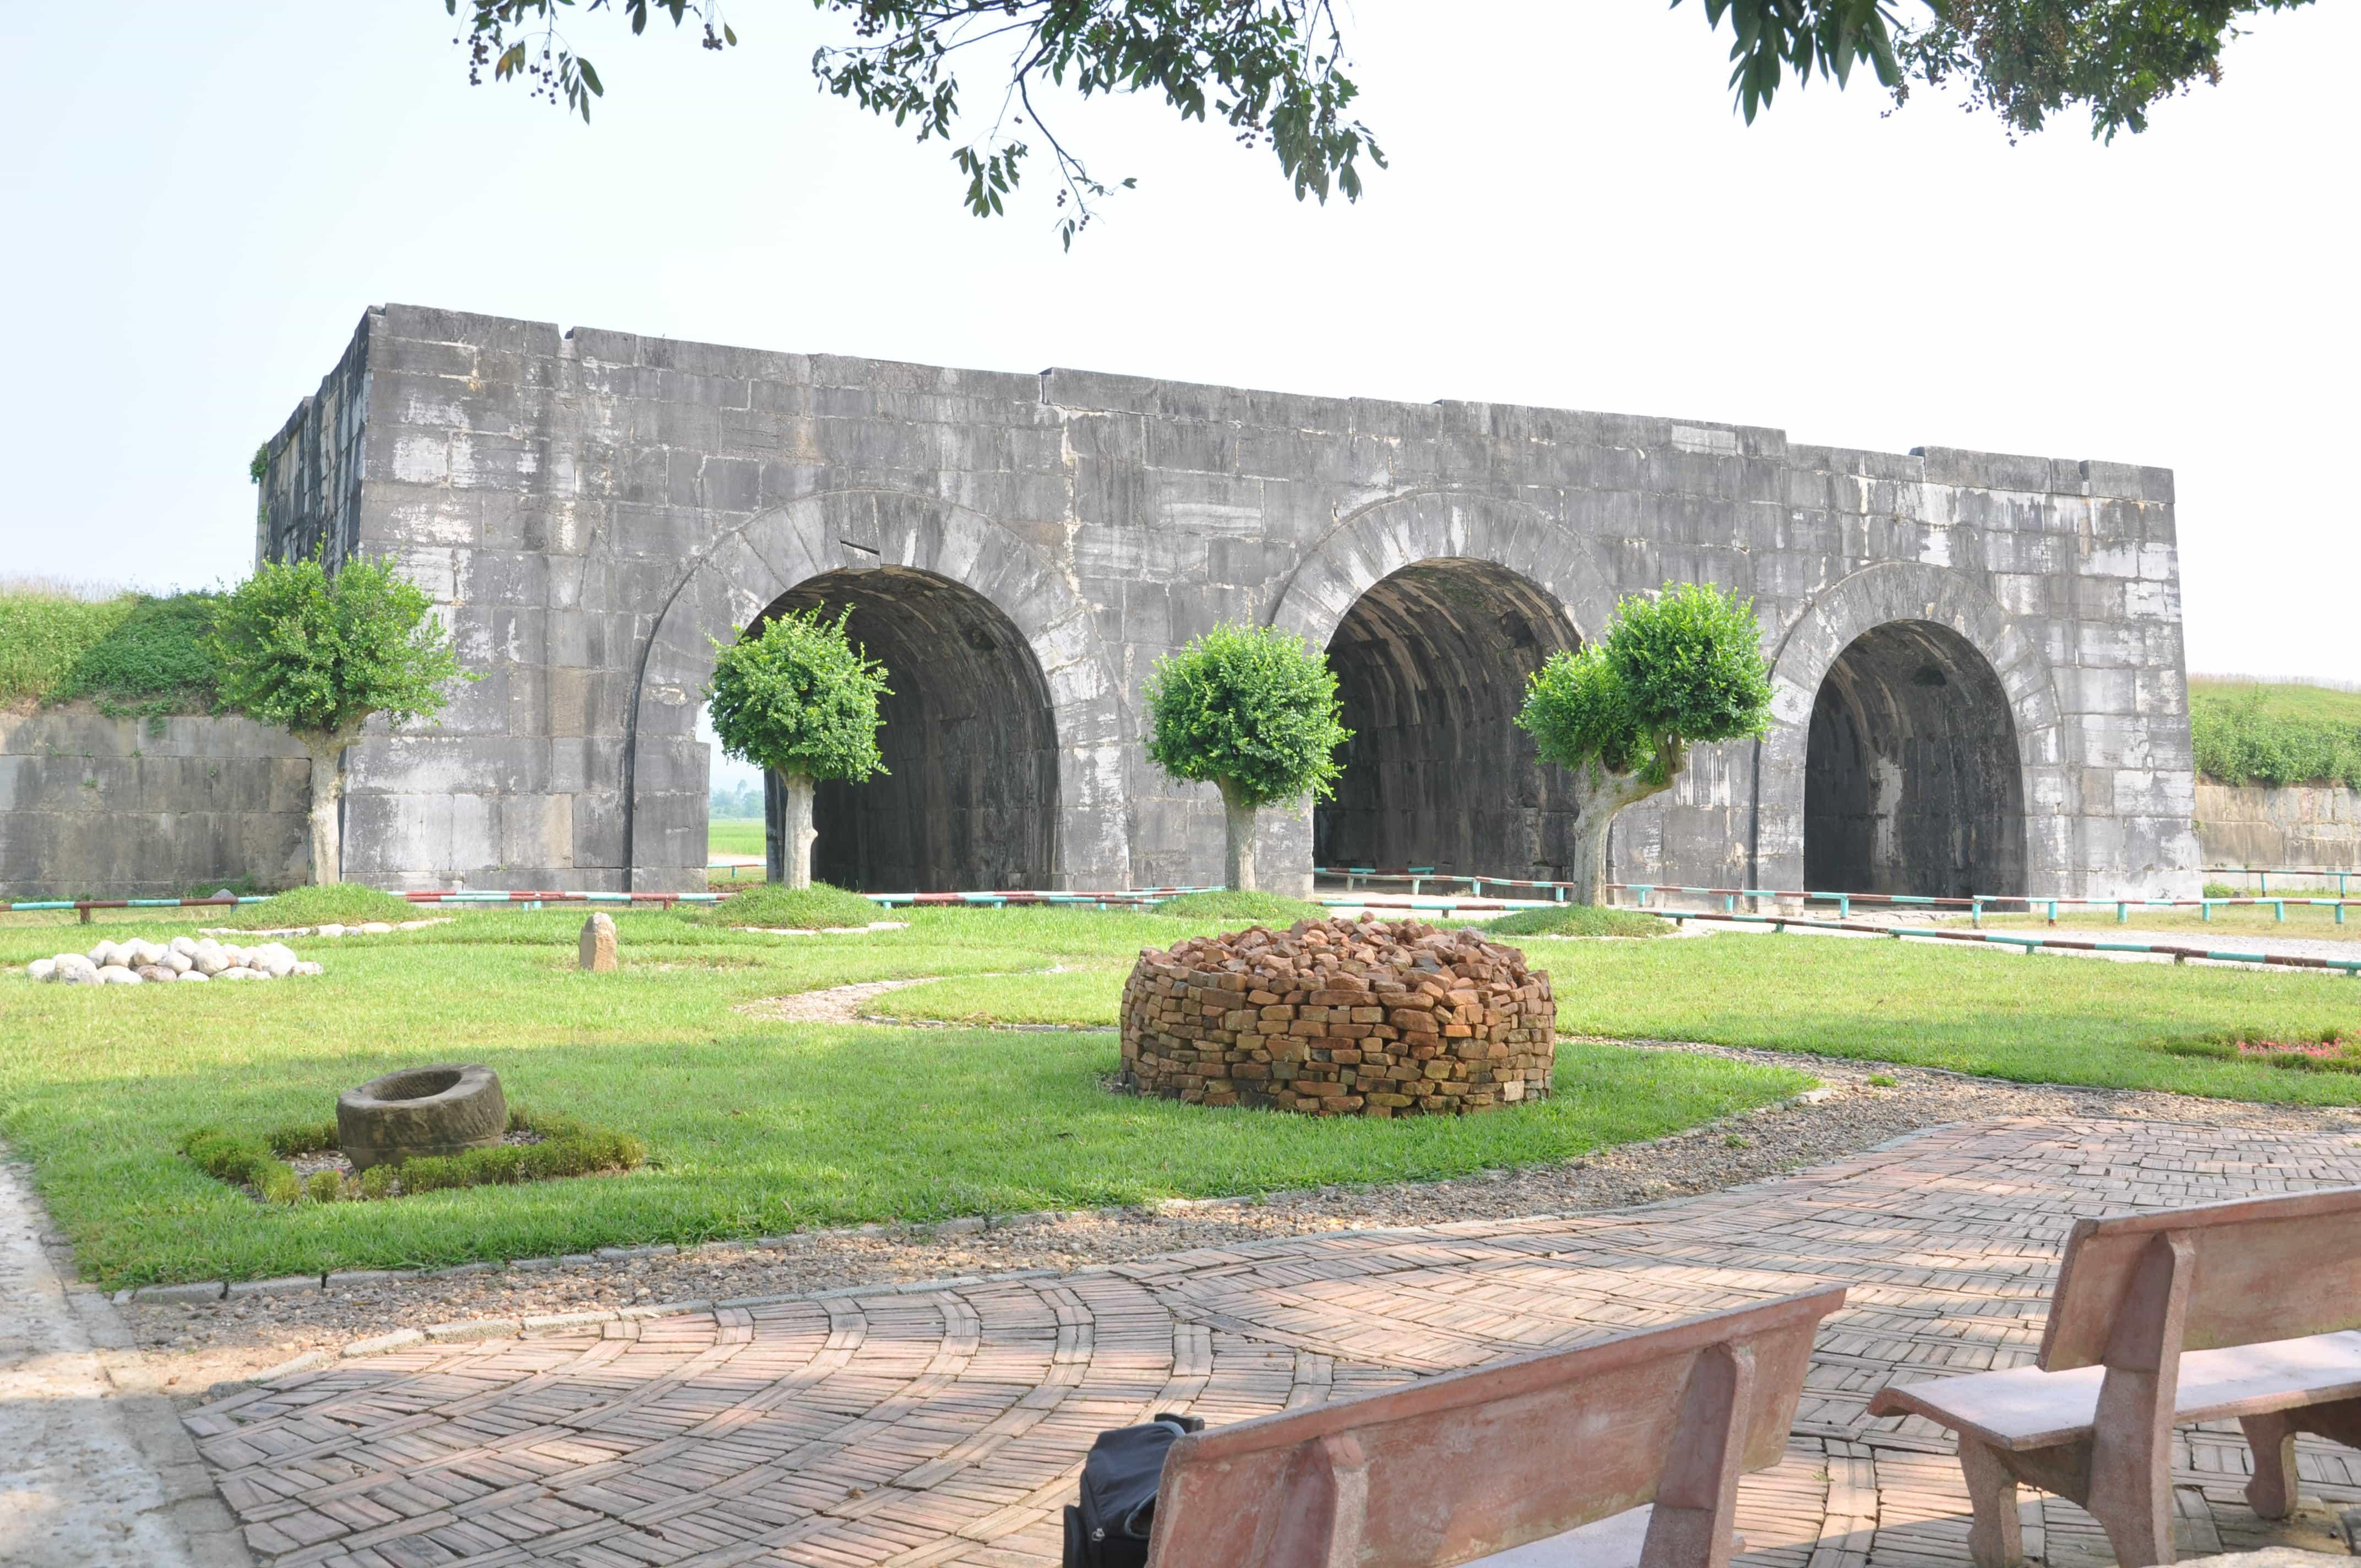 Bán nhớt Repsol chất lượng cao tại Thanh Hóa